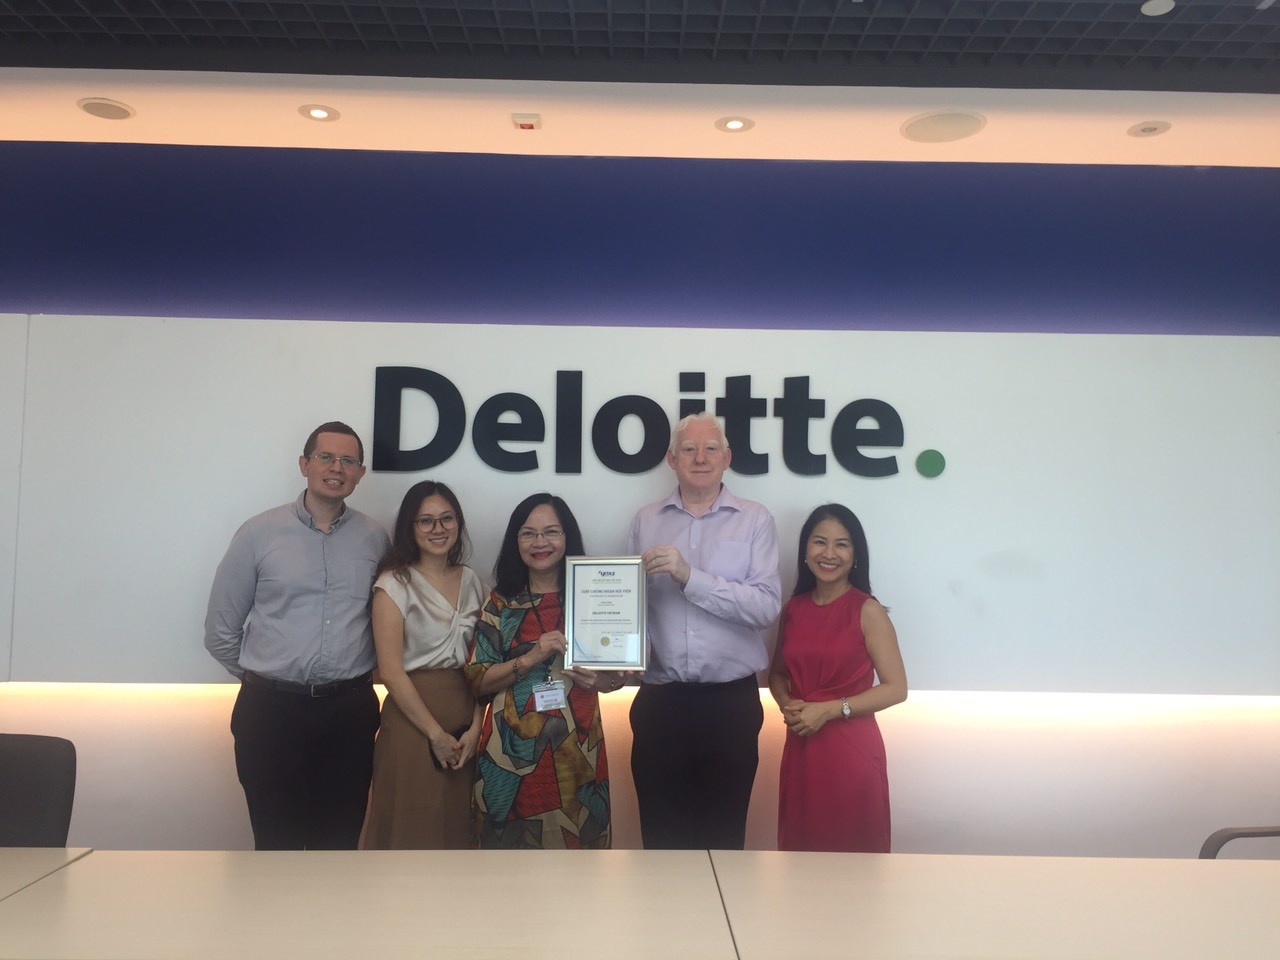 Vitas đón chào thành viên mới: Deloitte Việt Nam